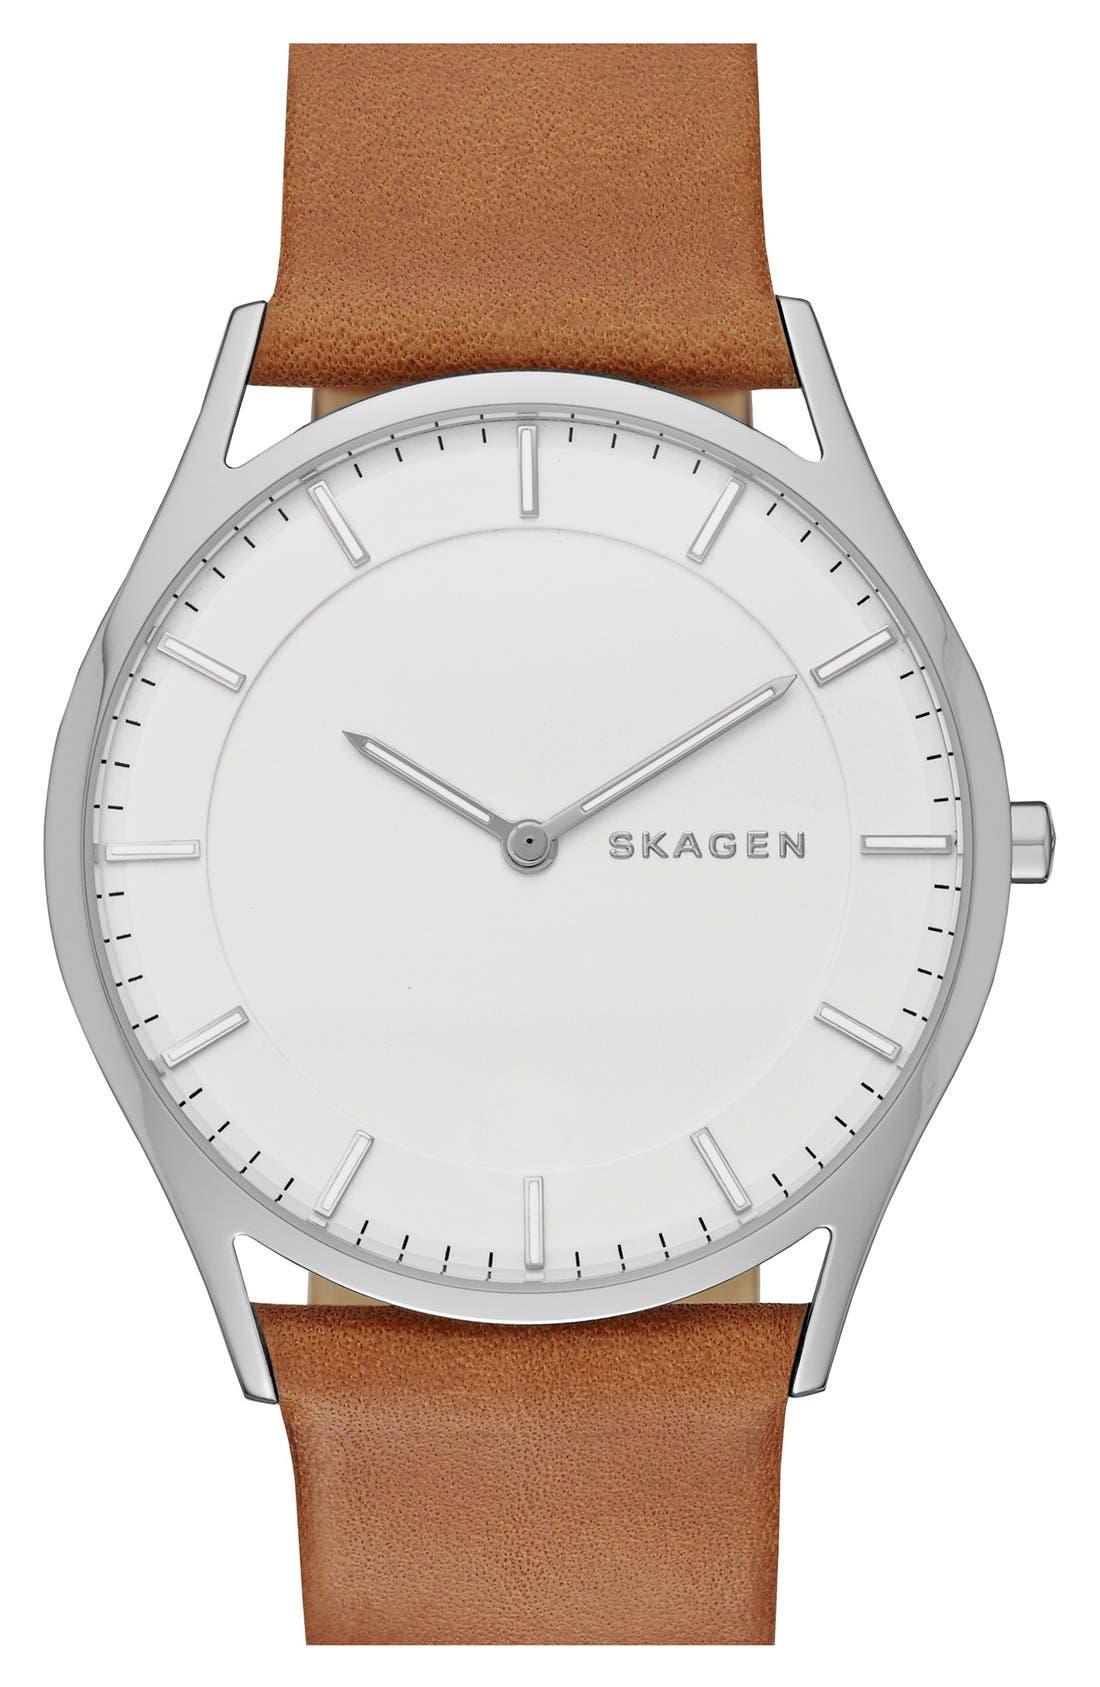 Main Image - Skagen 'Holst' Leather Strap Watch, 40mm